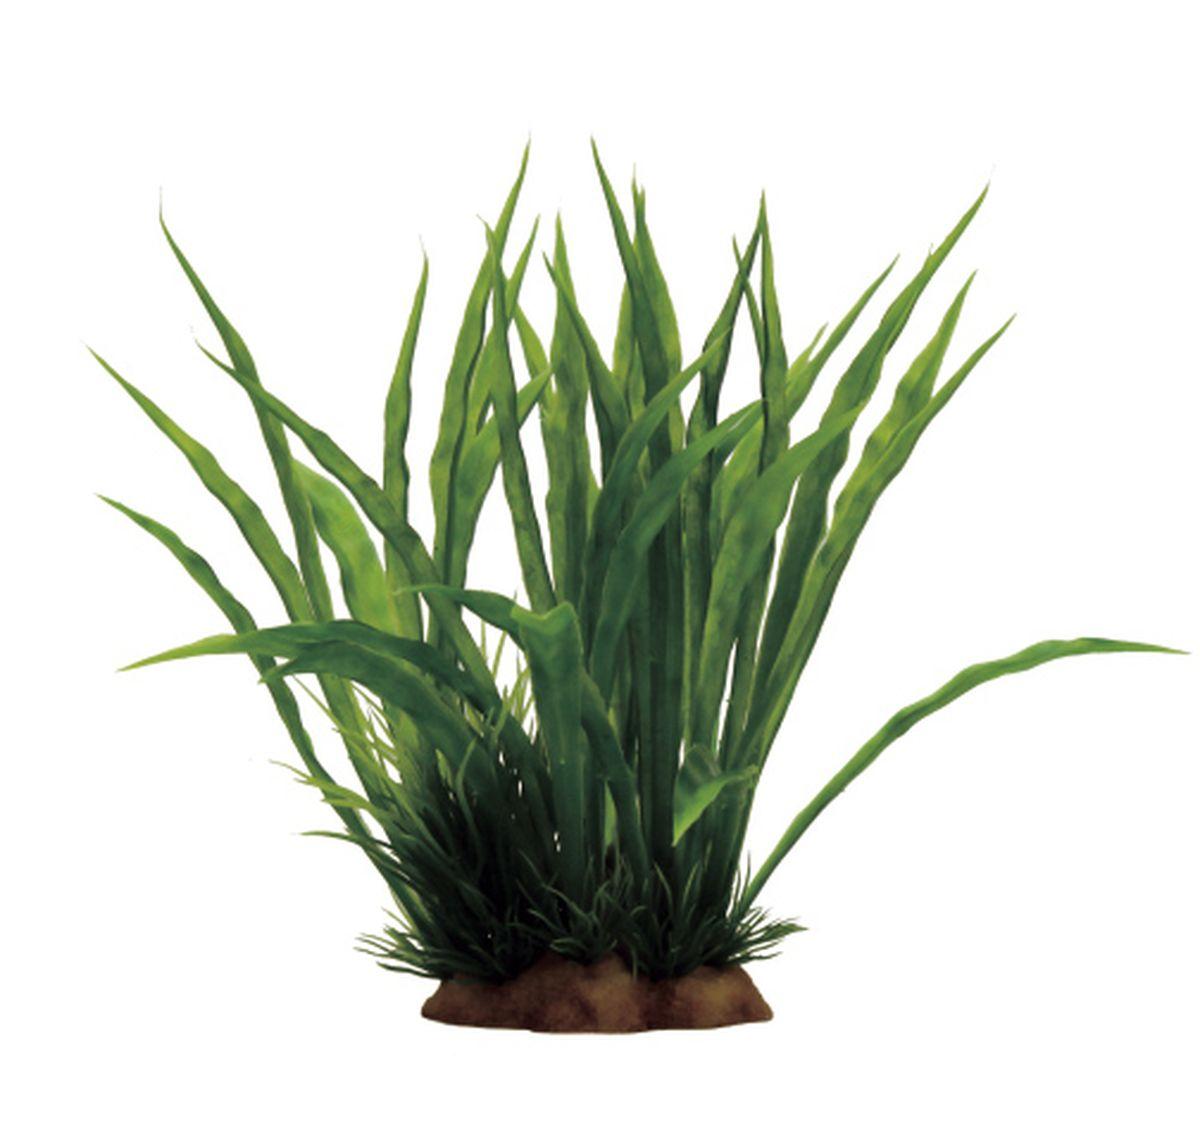 Растение для аквариума ArtUniq Криптокорина, 15 x 13 x 17 см0120710Композиция из искусственных растений ArtUniq превосходно украсит и оживит аквариум.Растения - это важная часть любой композиции, они помогут вдохнуть жизнь в ландшафт любого аквариума или террариума. А их сходствос природными порадует даже самых взыскательных ценителей.